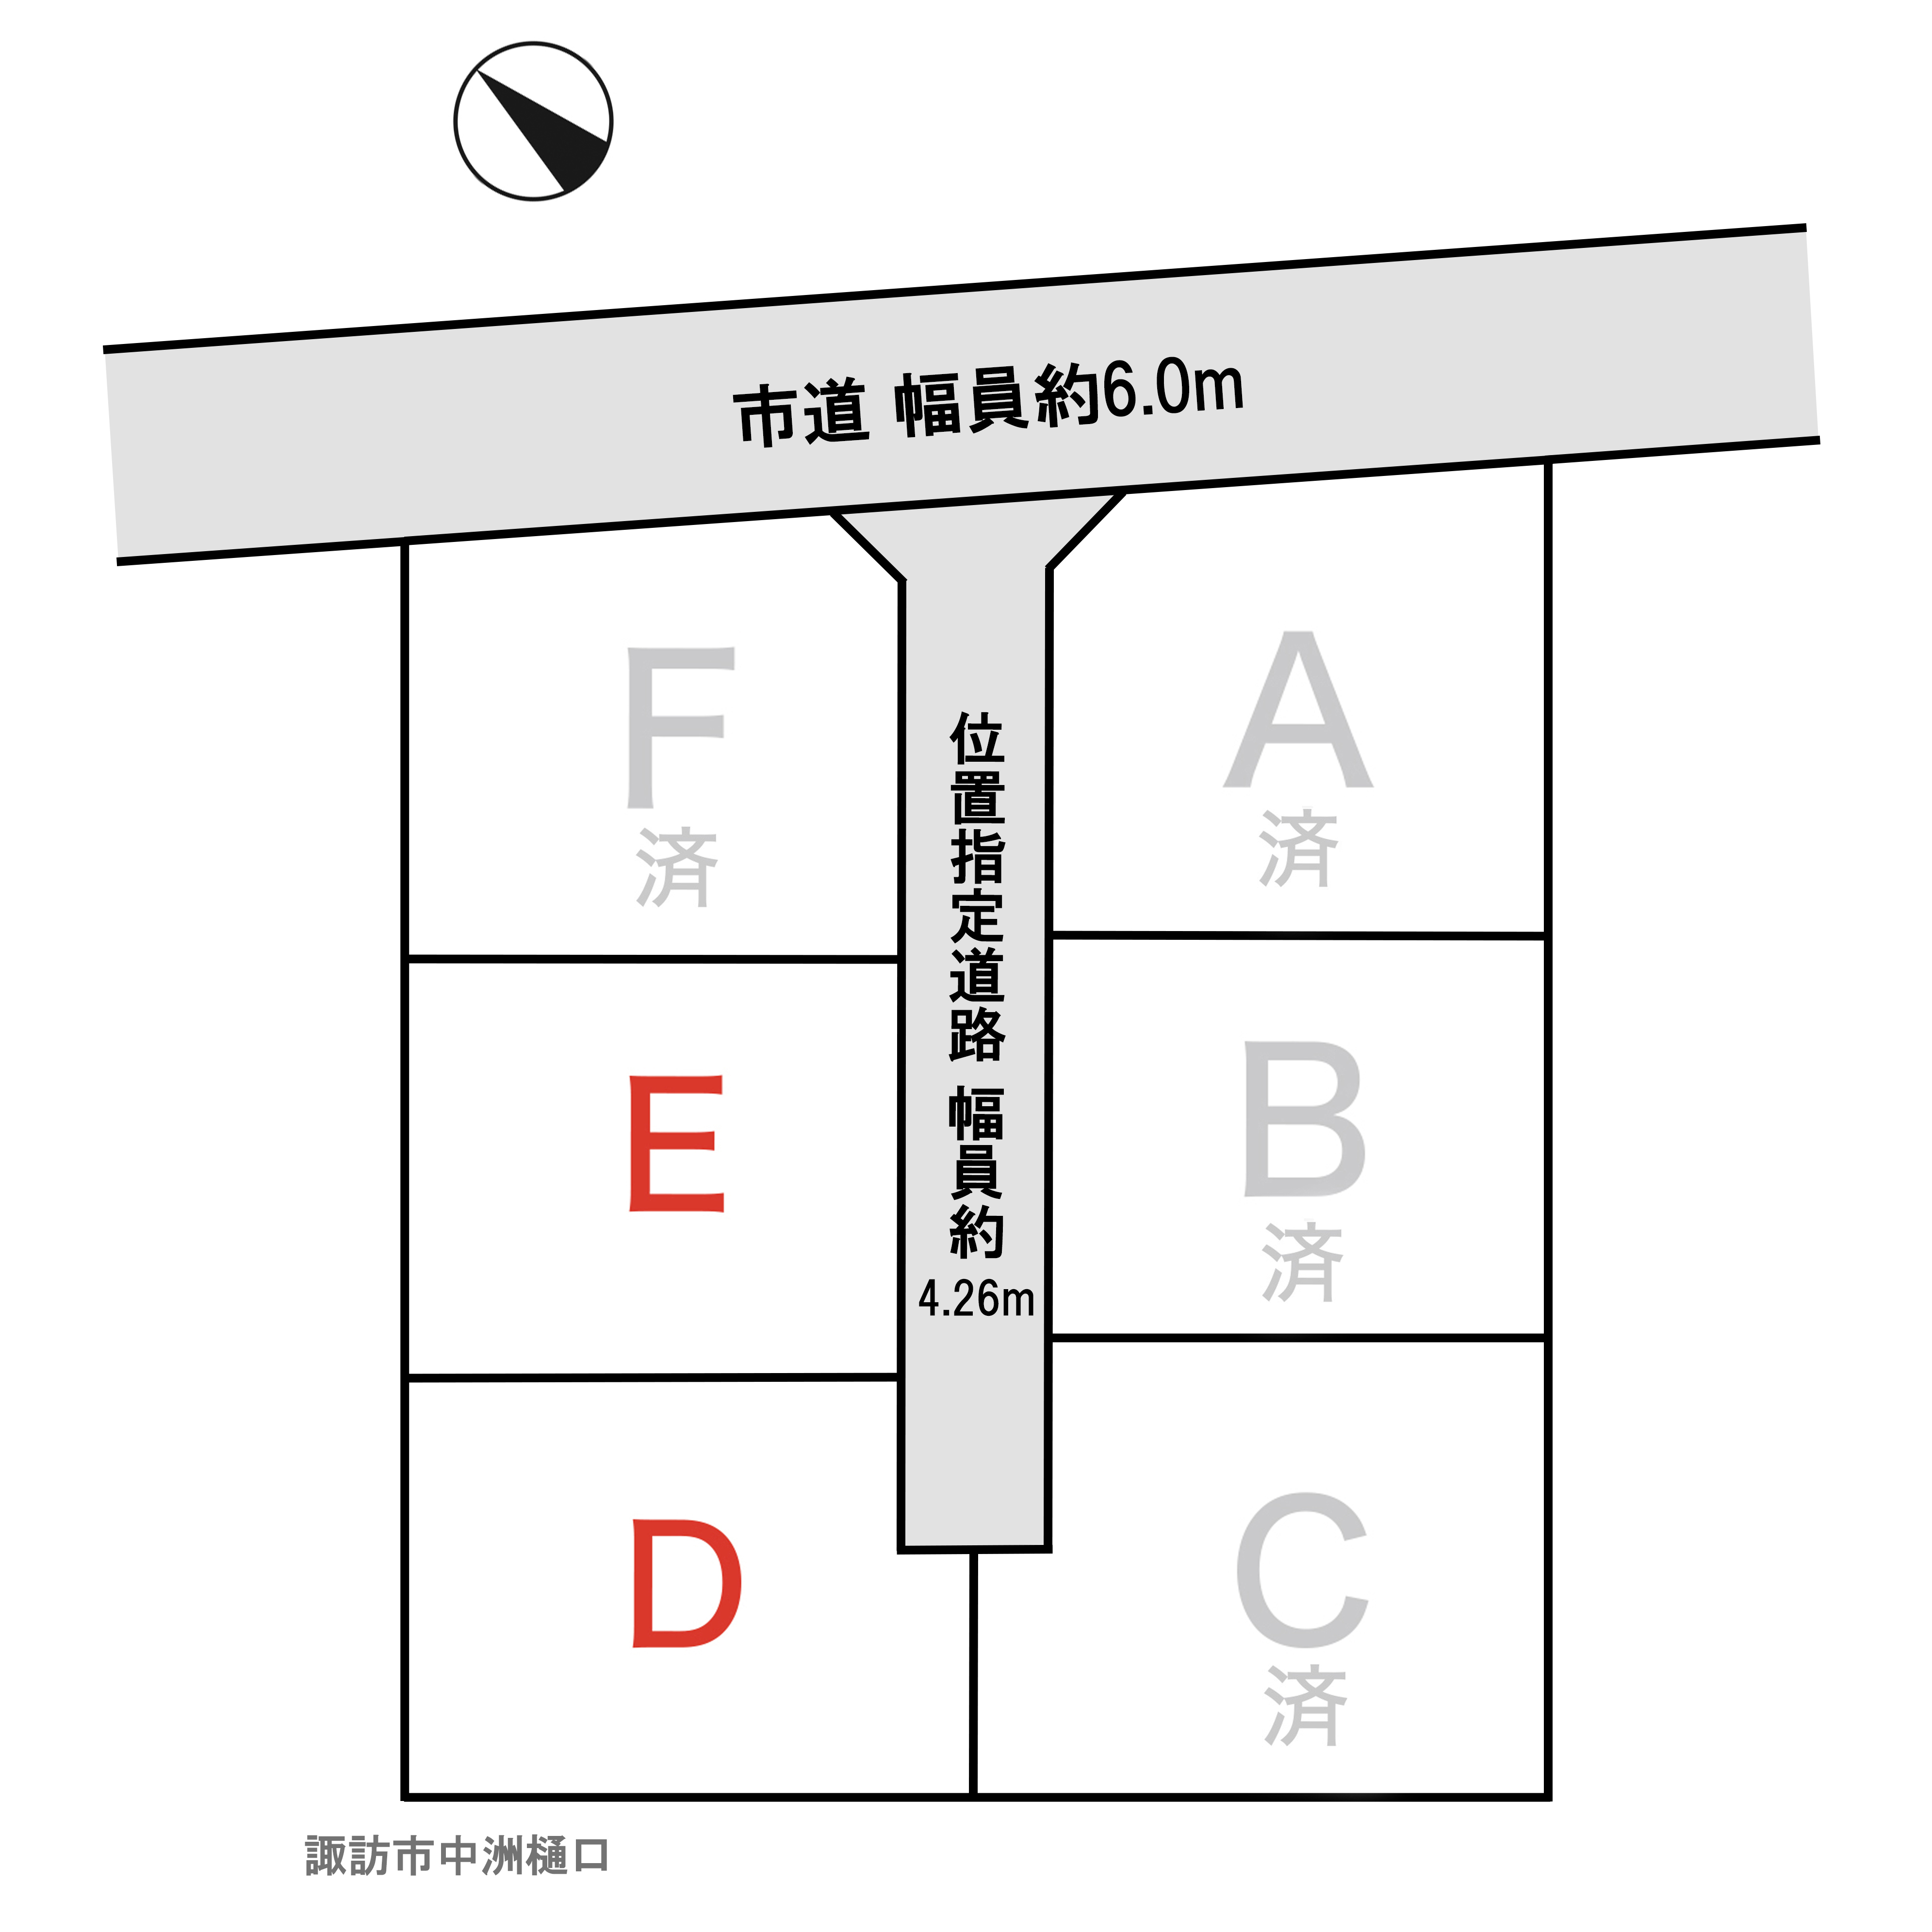 諏訪市 中洲神宮寺樋口のアイキャッチ画像